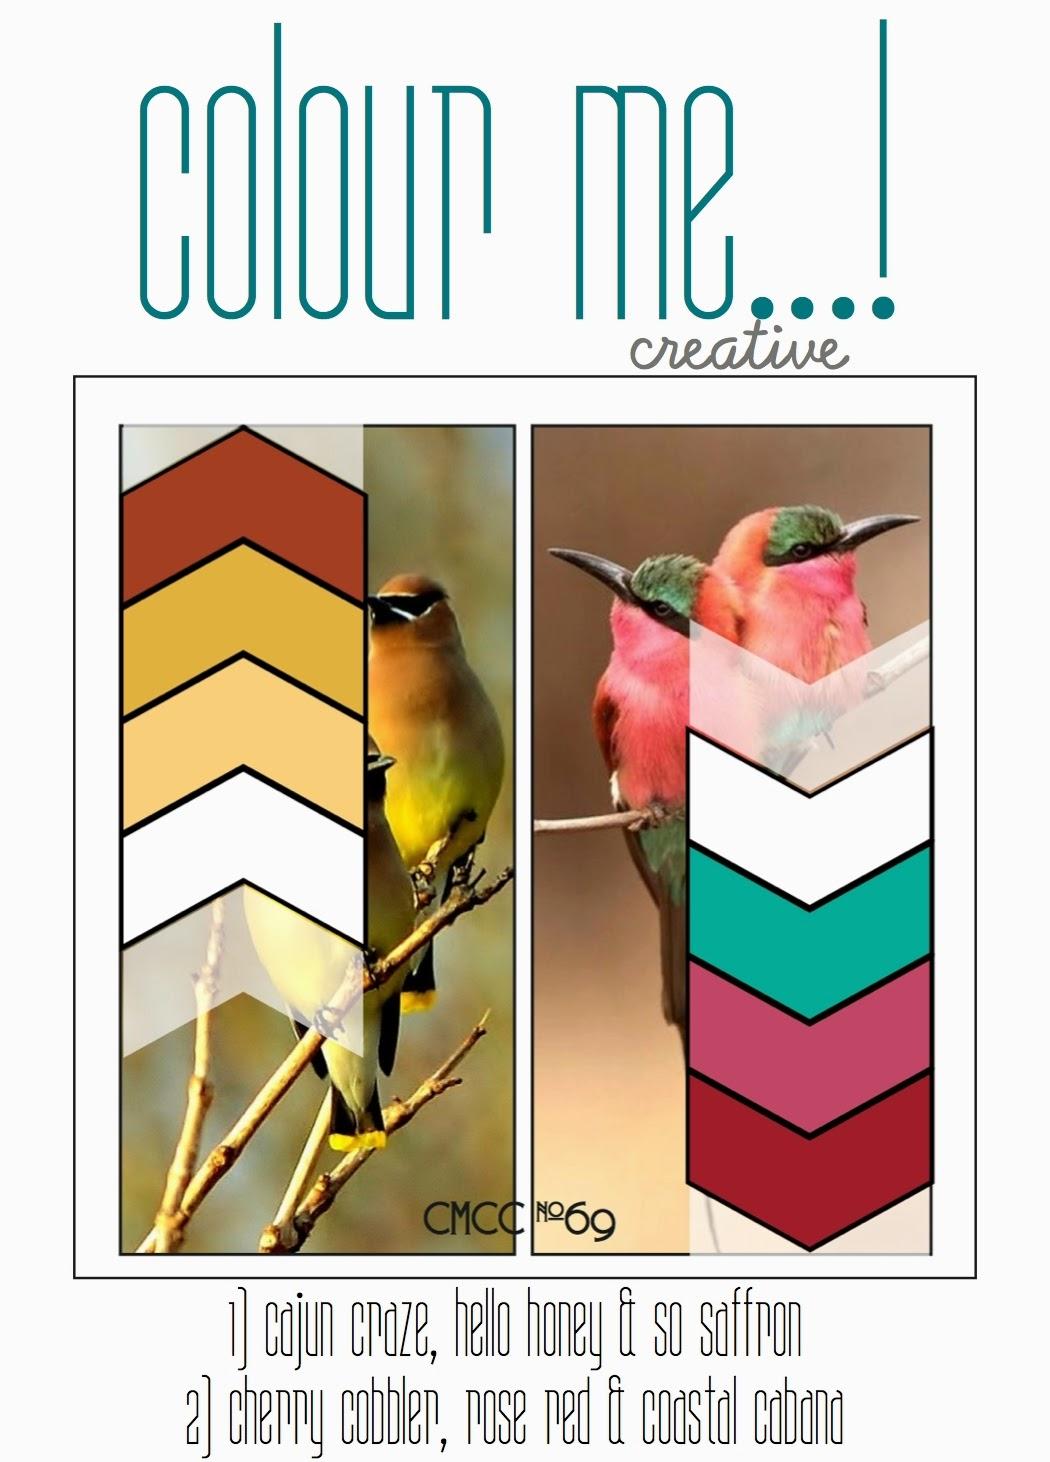 http://colourmecardchallenge.blogspot.com/2015/04/cmcc69-colour-me-creative.html